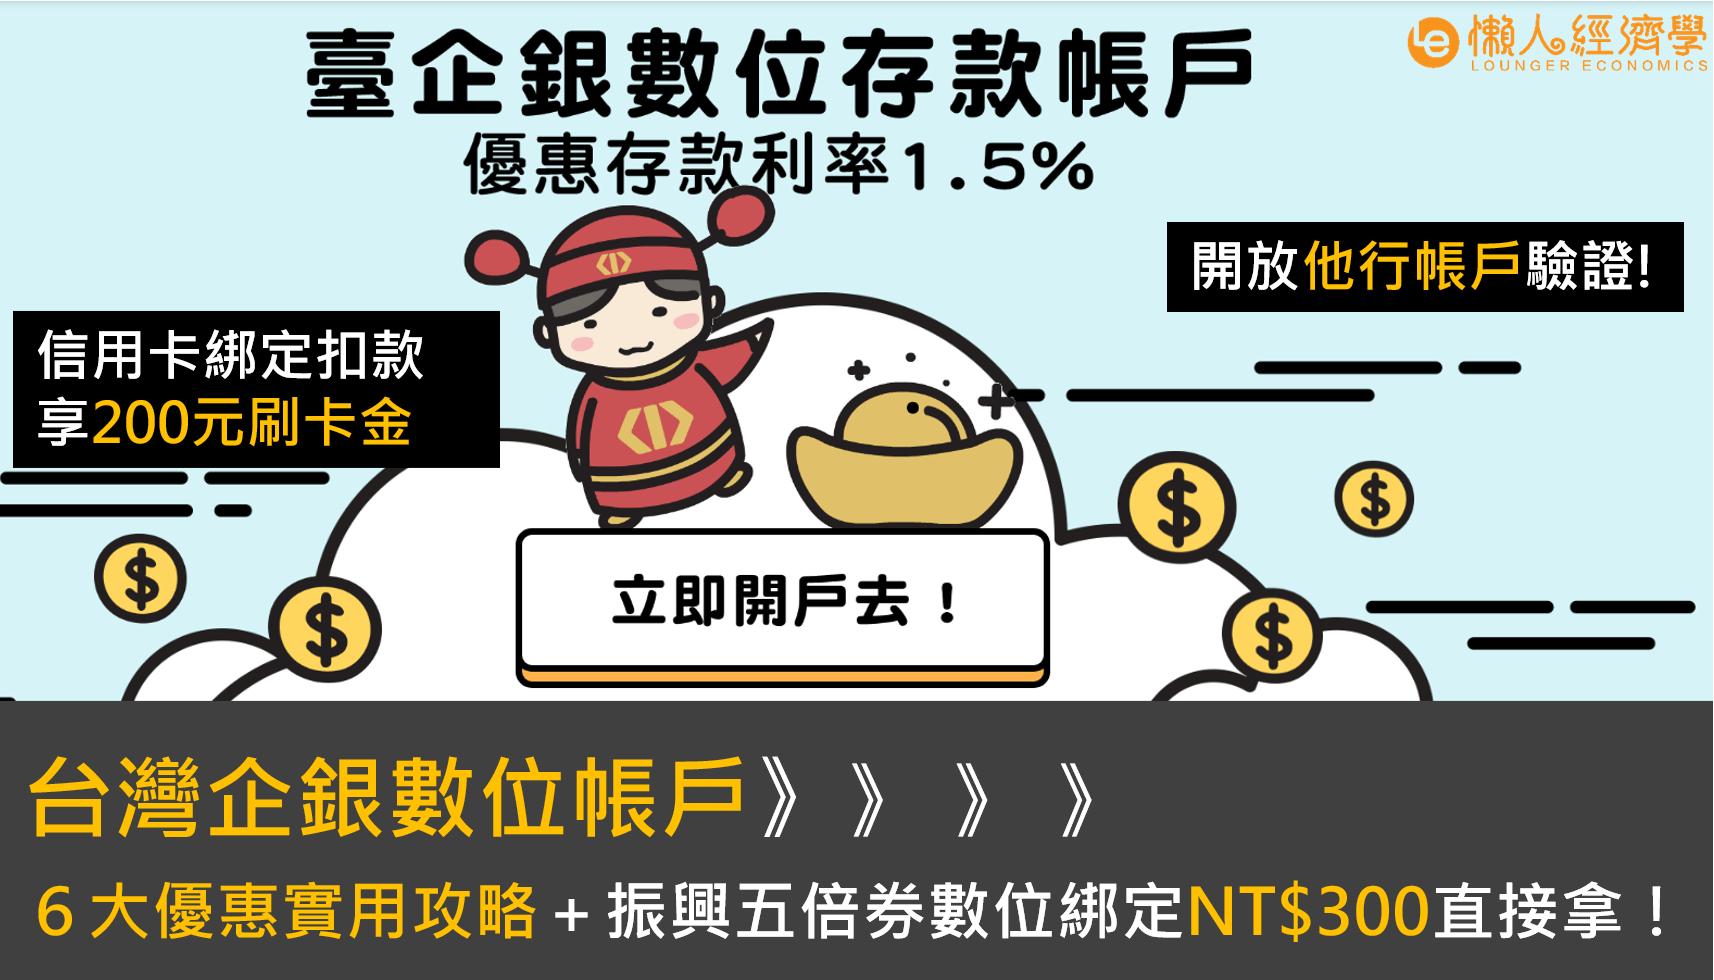 臺灣企銀數位帳戶:6大優惠實用攻略+振興五倍券數位綁定NT$300直接拿!